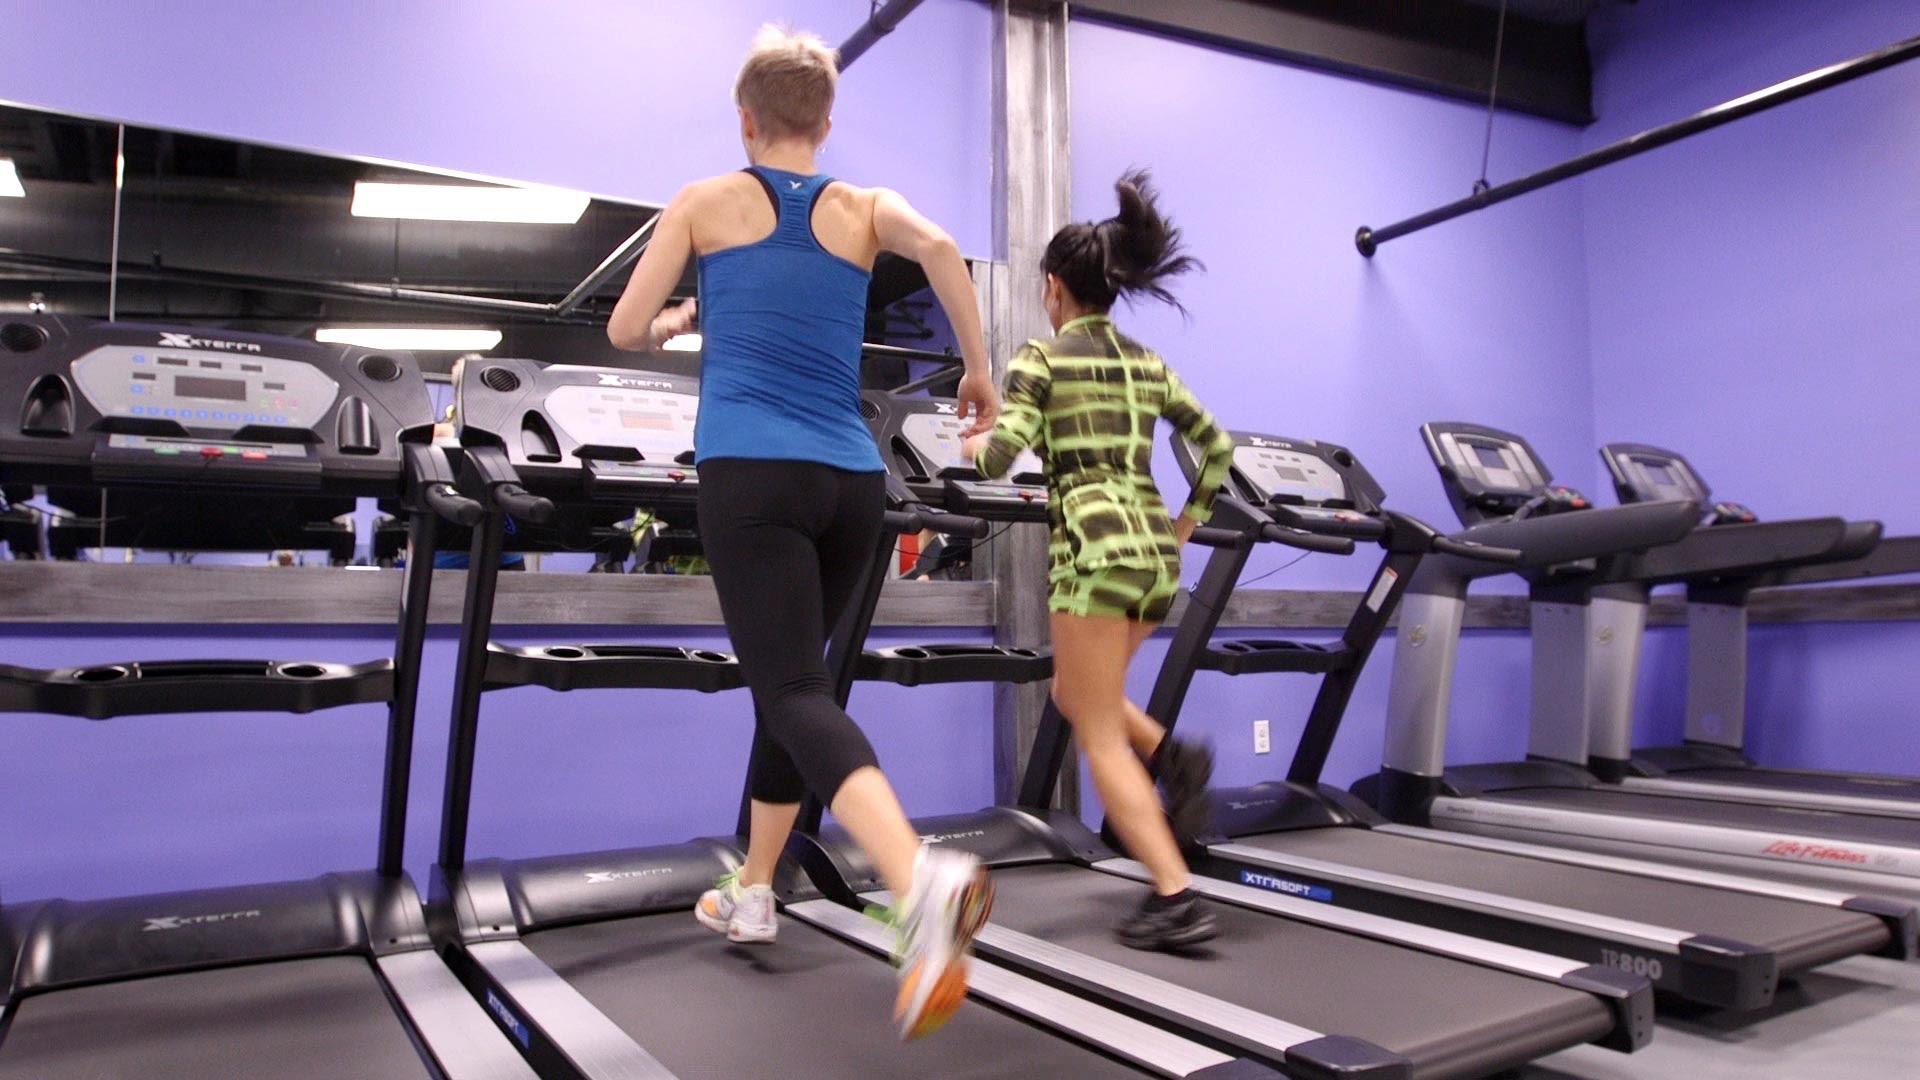 Máy tập chạy bộ tại nhà – 3 mẹo để chọn ra chiếc máy phù hợp